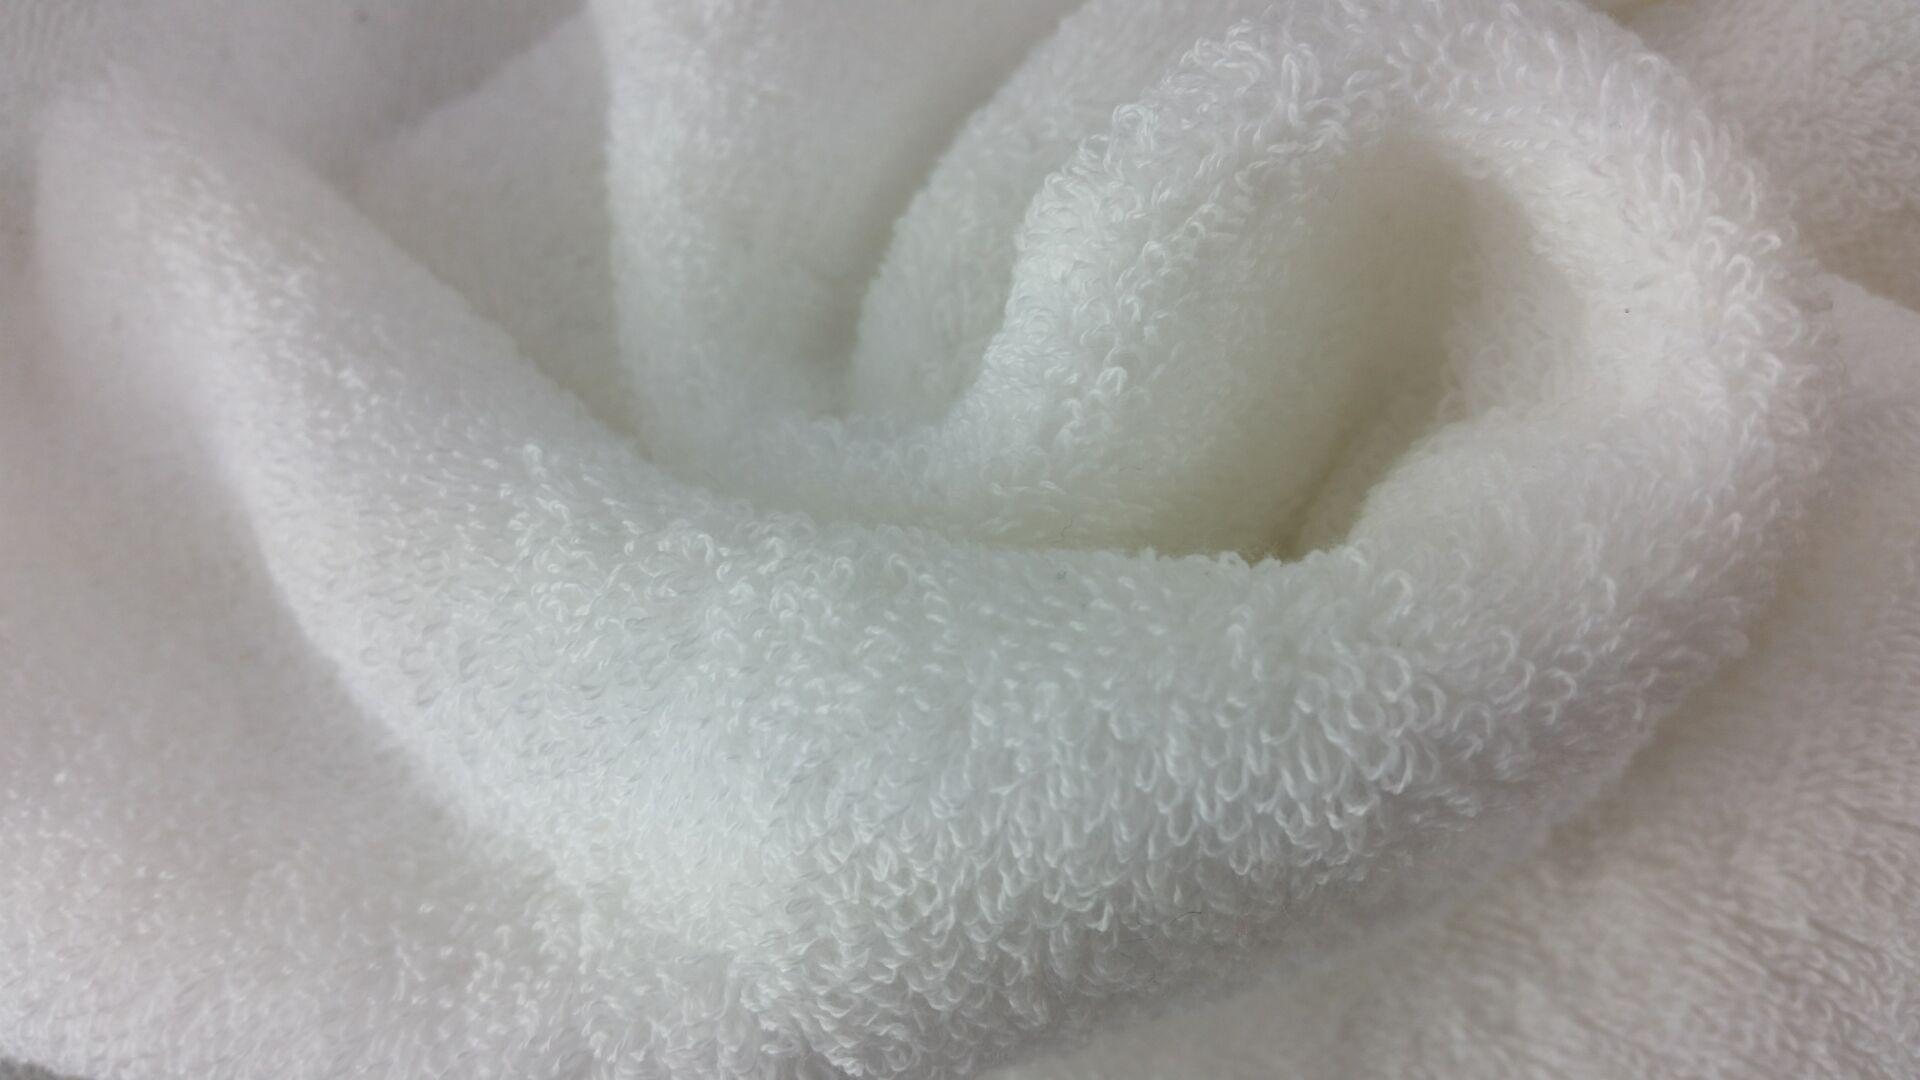 Vải khăn lông Khăn vải Quảng Đông một mặt cotton dệt hai mặt bằng vải cotton cắt nhung khăn tre sợi